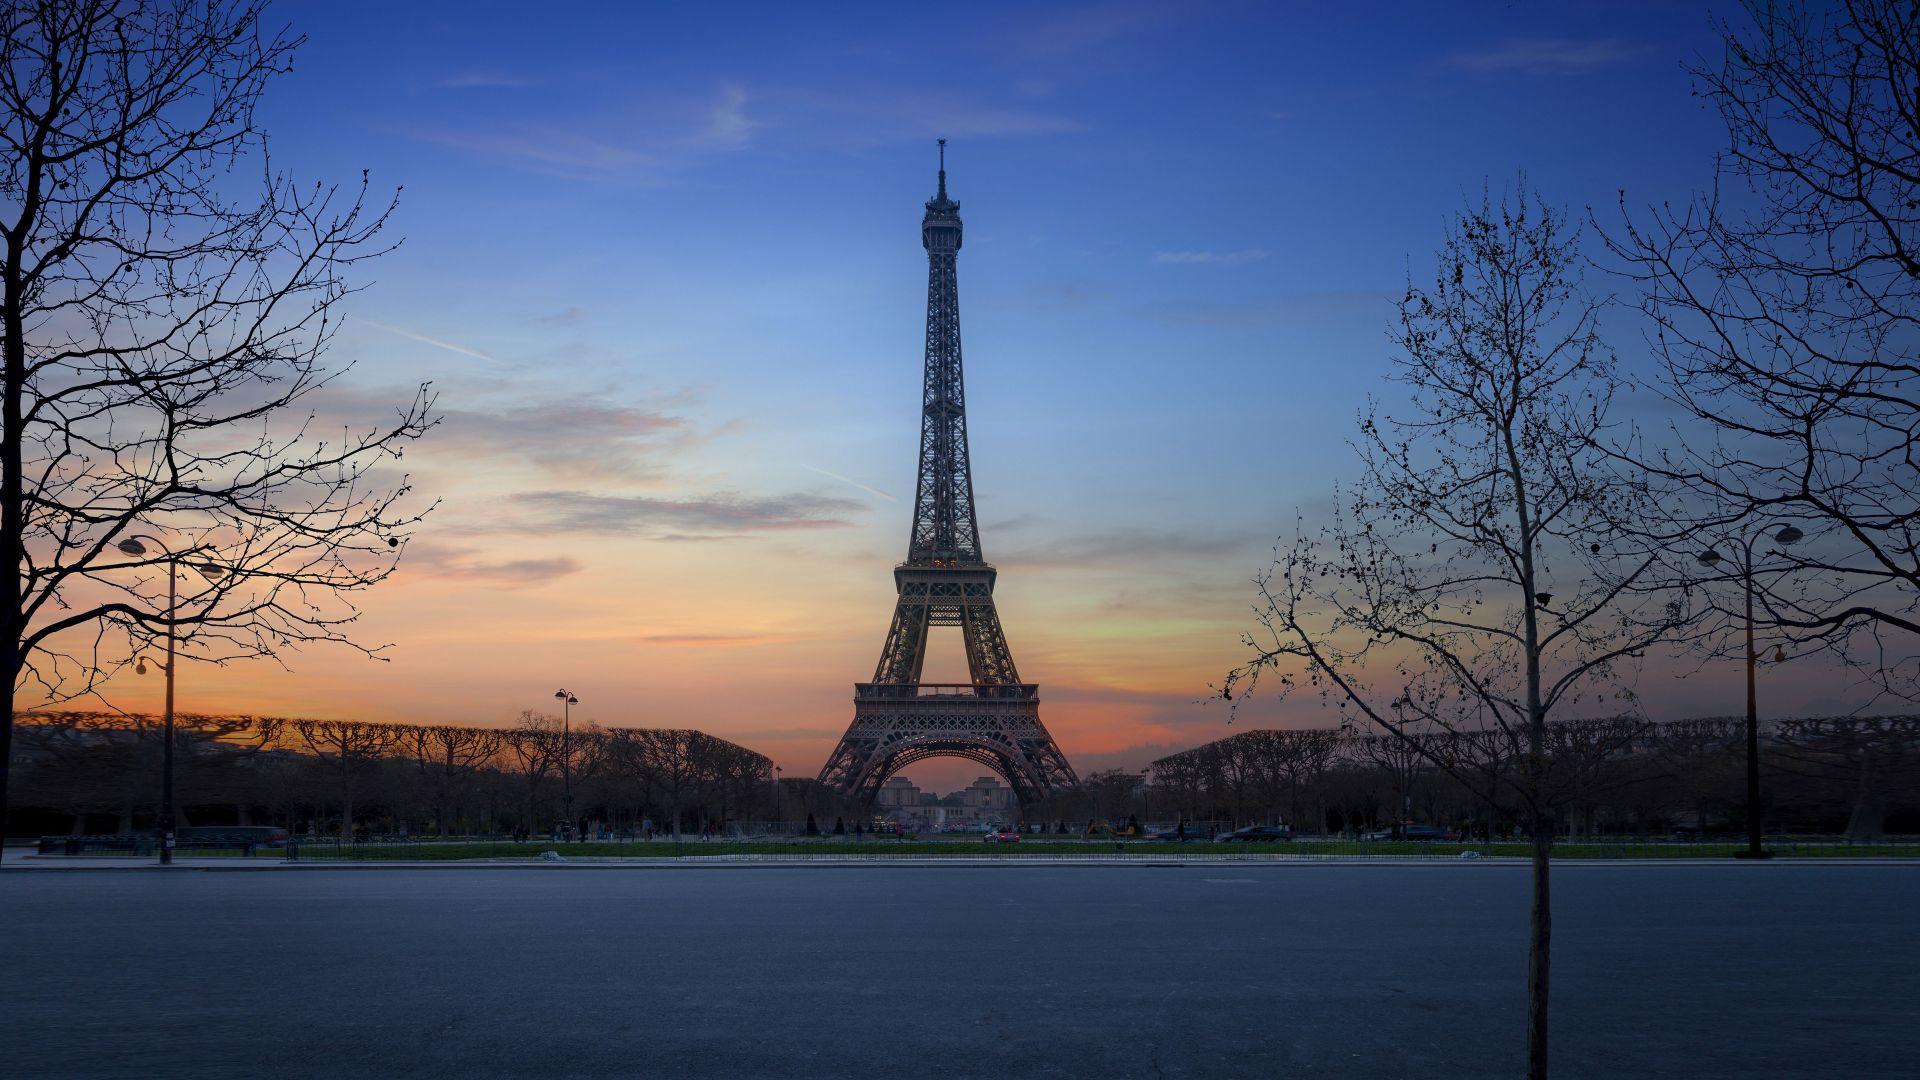 Wallpaper Eiffel tower, architecture, Paris, city, sunset